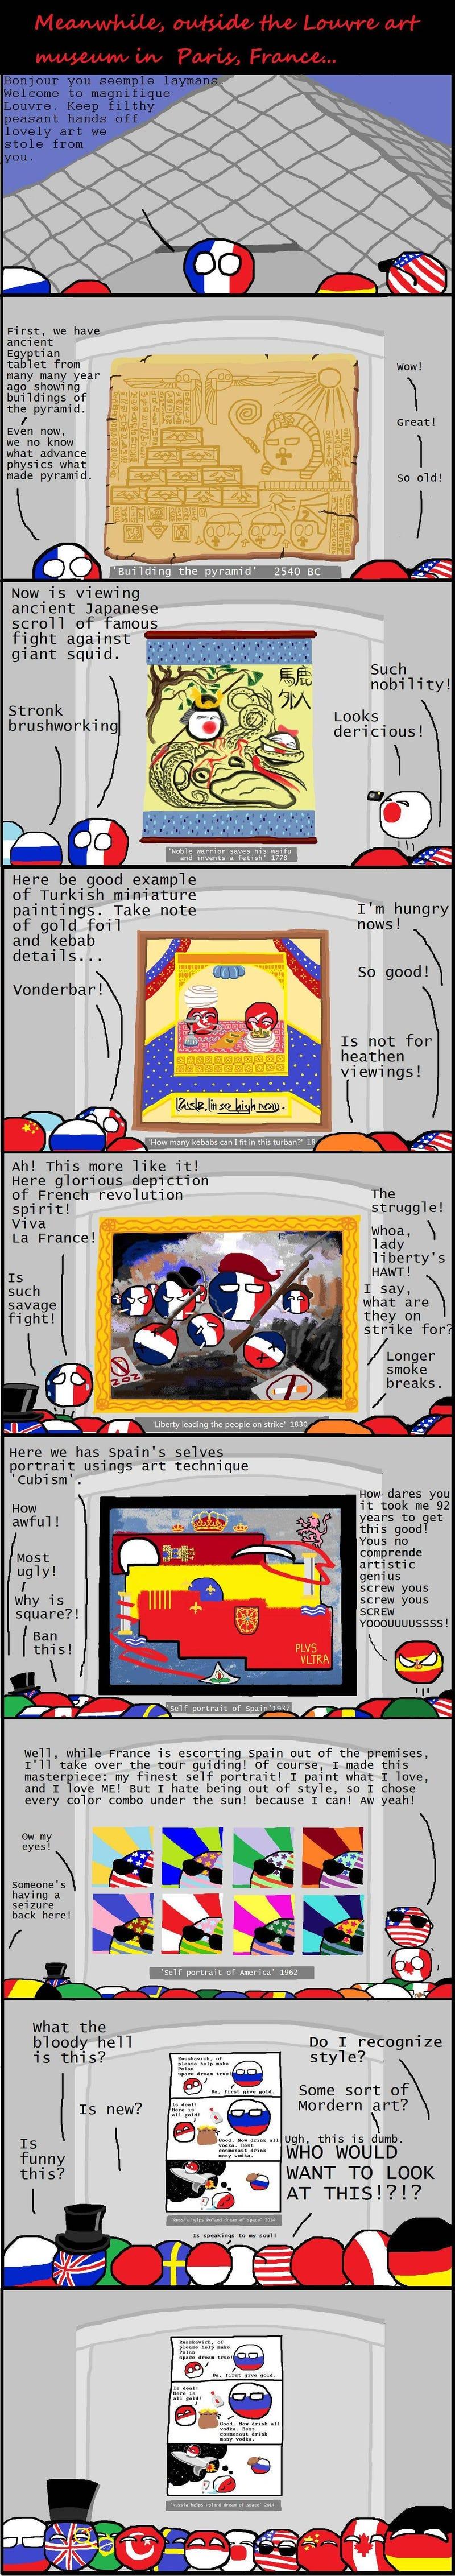 Nightly Polandball: Fourth Wall Edition